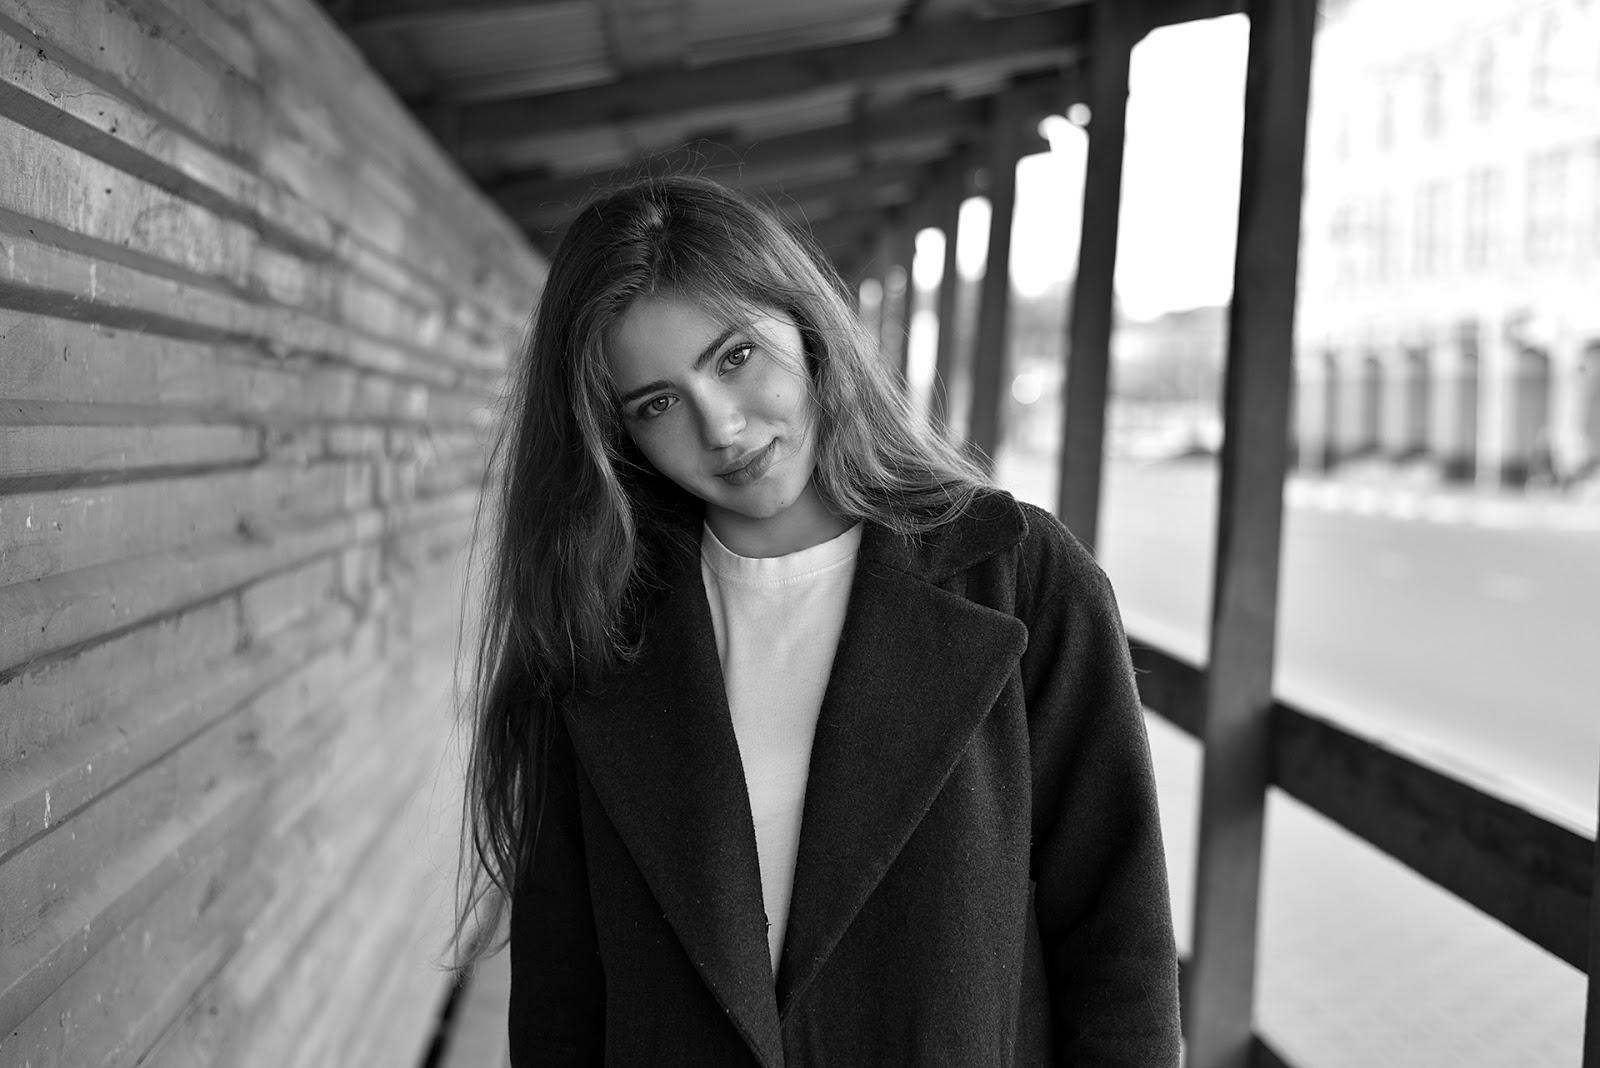 Алина. Портрет в городской среде